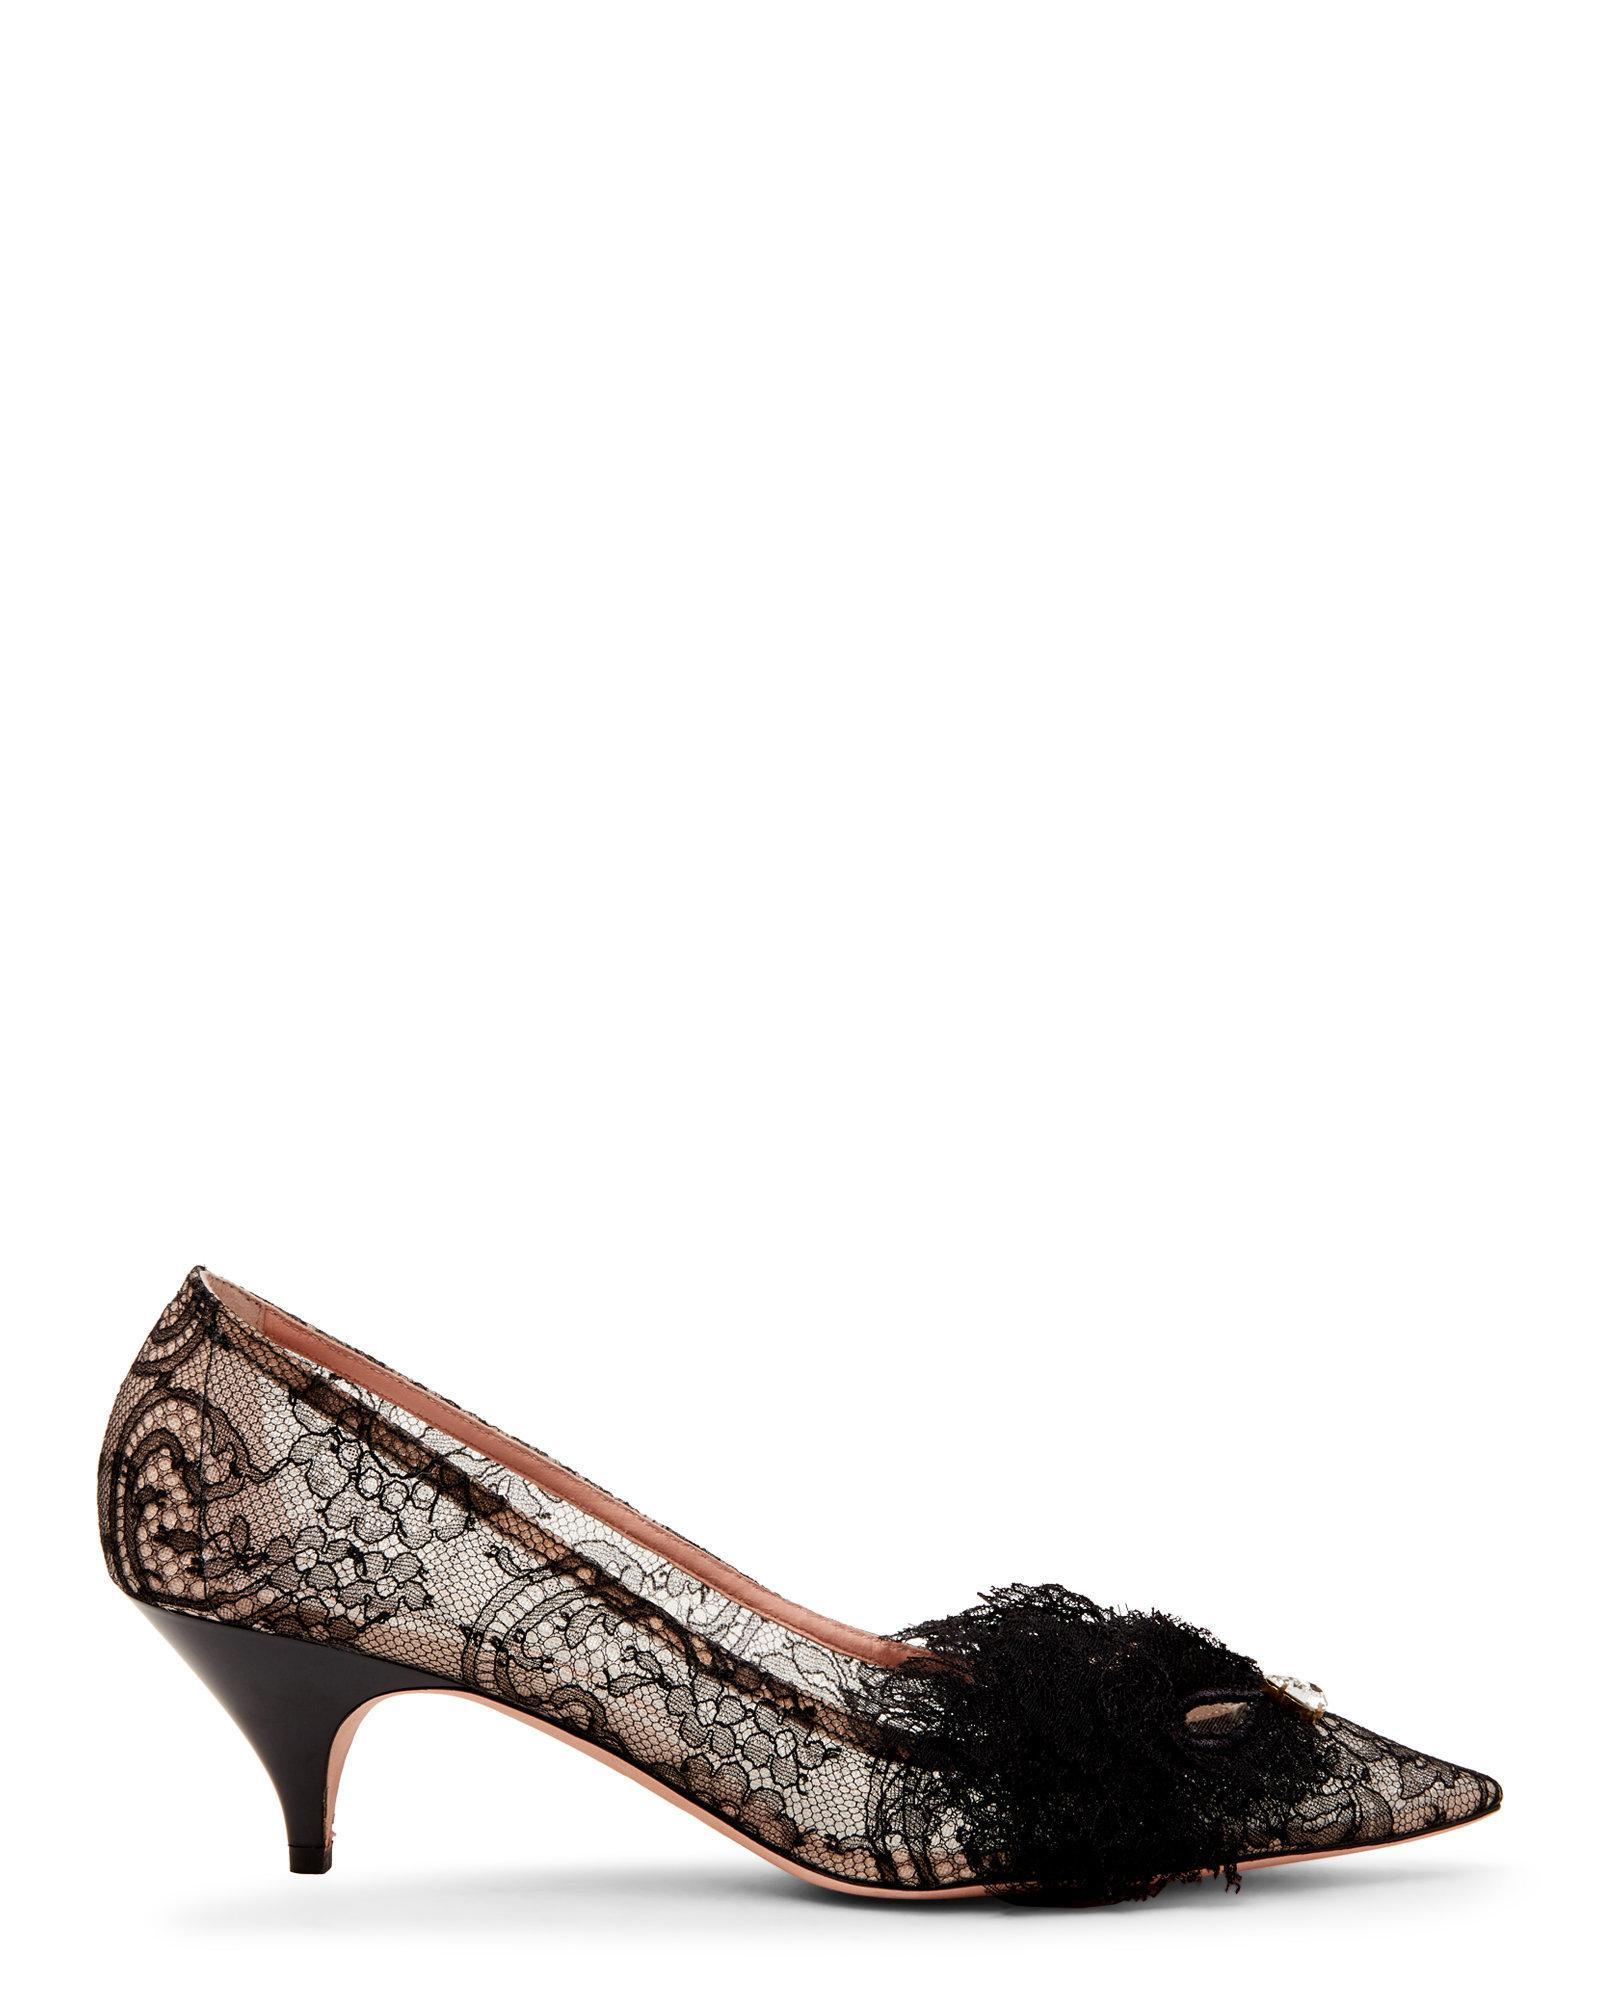 90debb76cb7 Rochas - Black Lace Pointed Toe Kitten Heel Pumps - Lyst